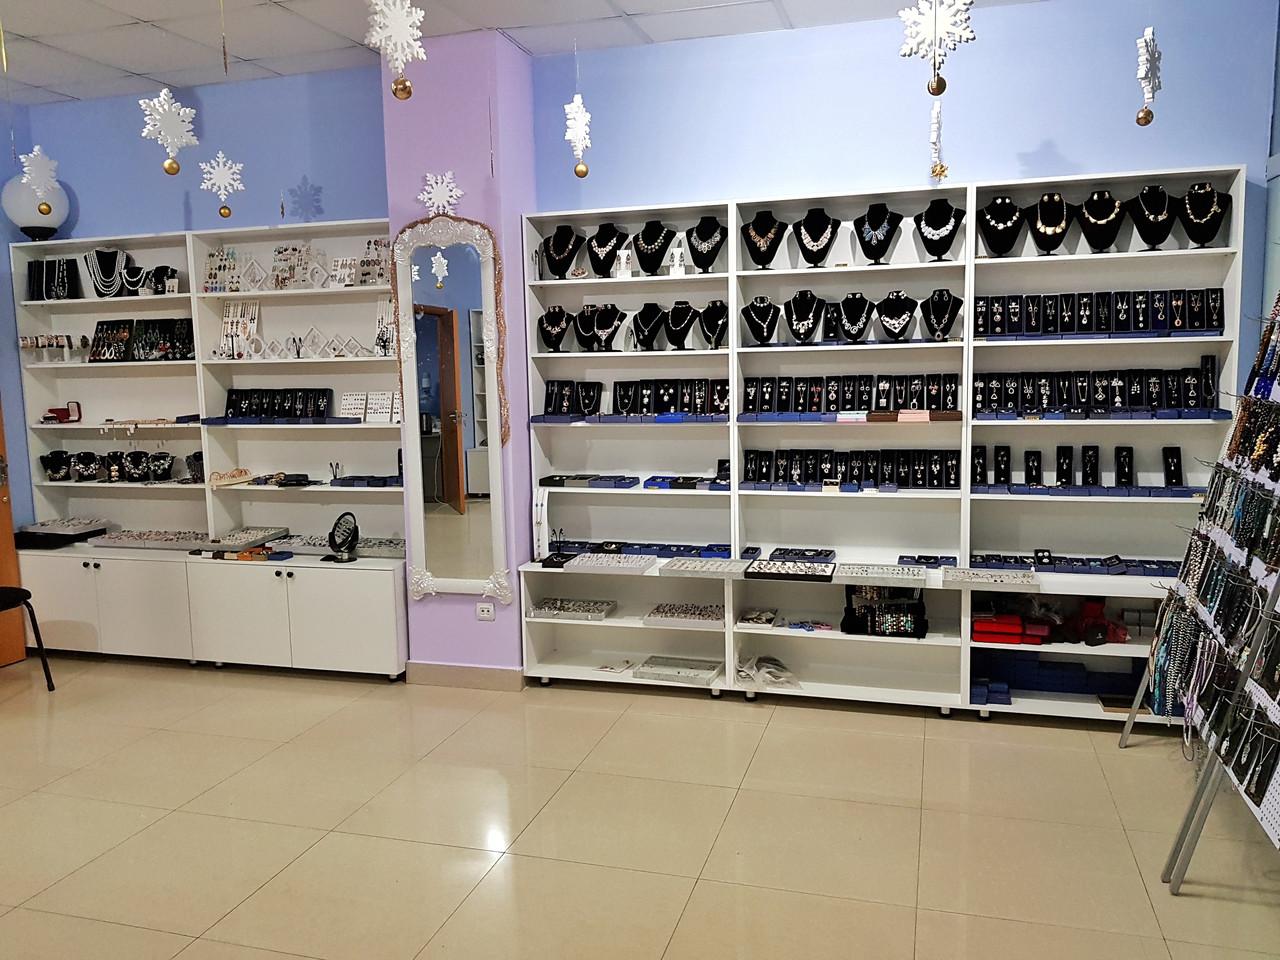 Продам или обменяю действующий бизнес в Астане - фото 1